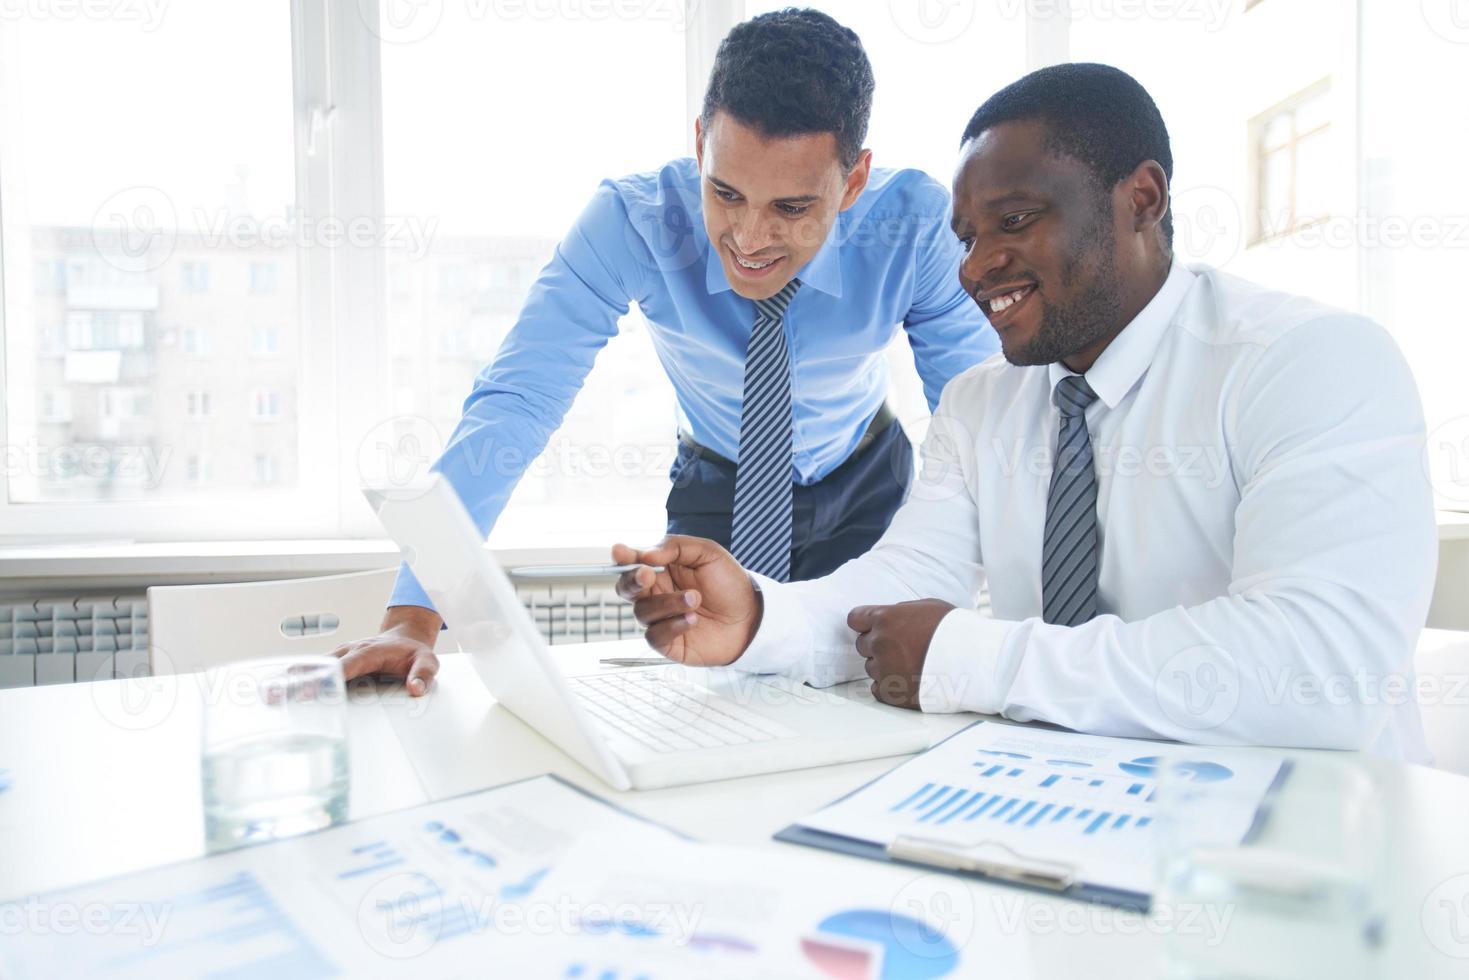 zwei Geschäftsleute, die an einem Laptop in einem Konferenzraum arbeiten foto